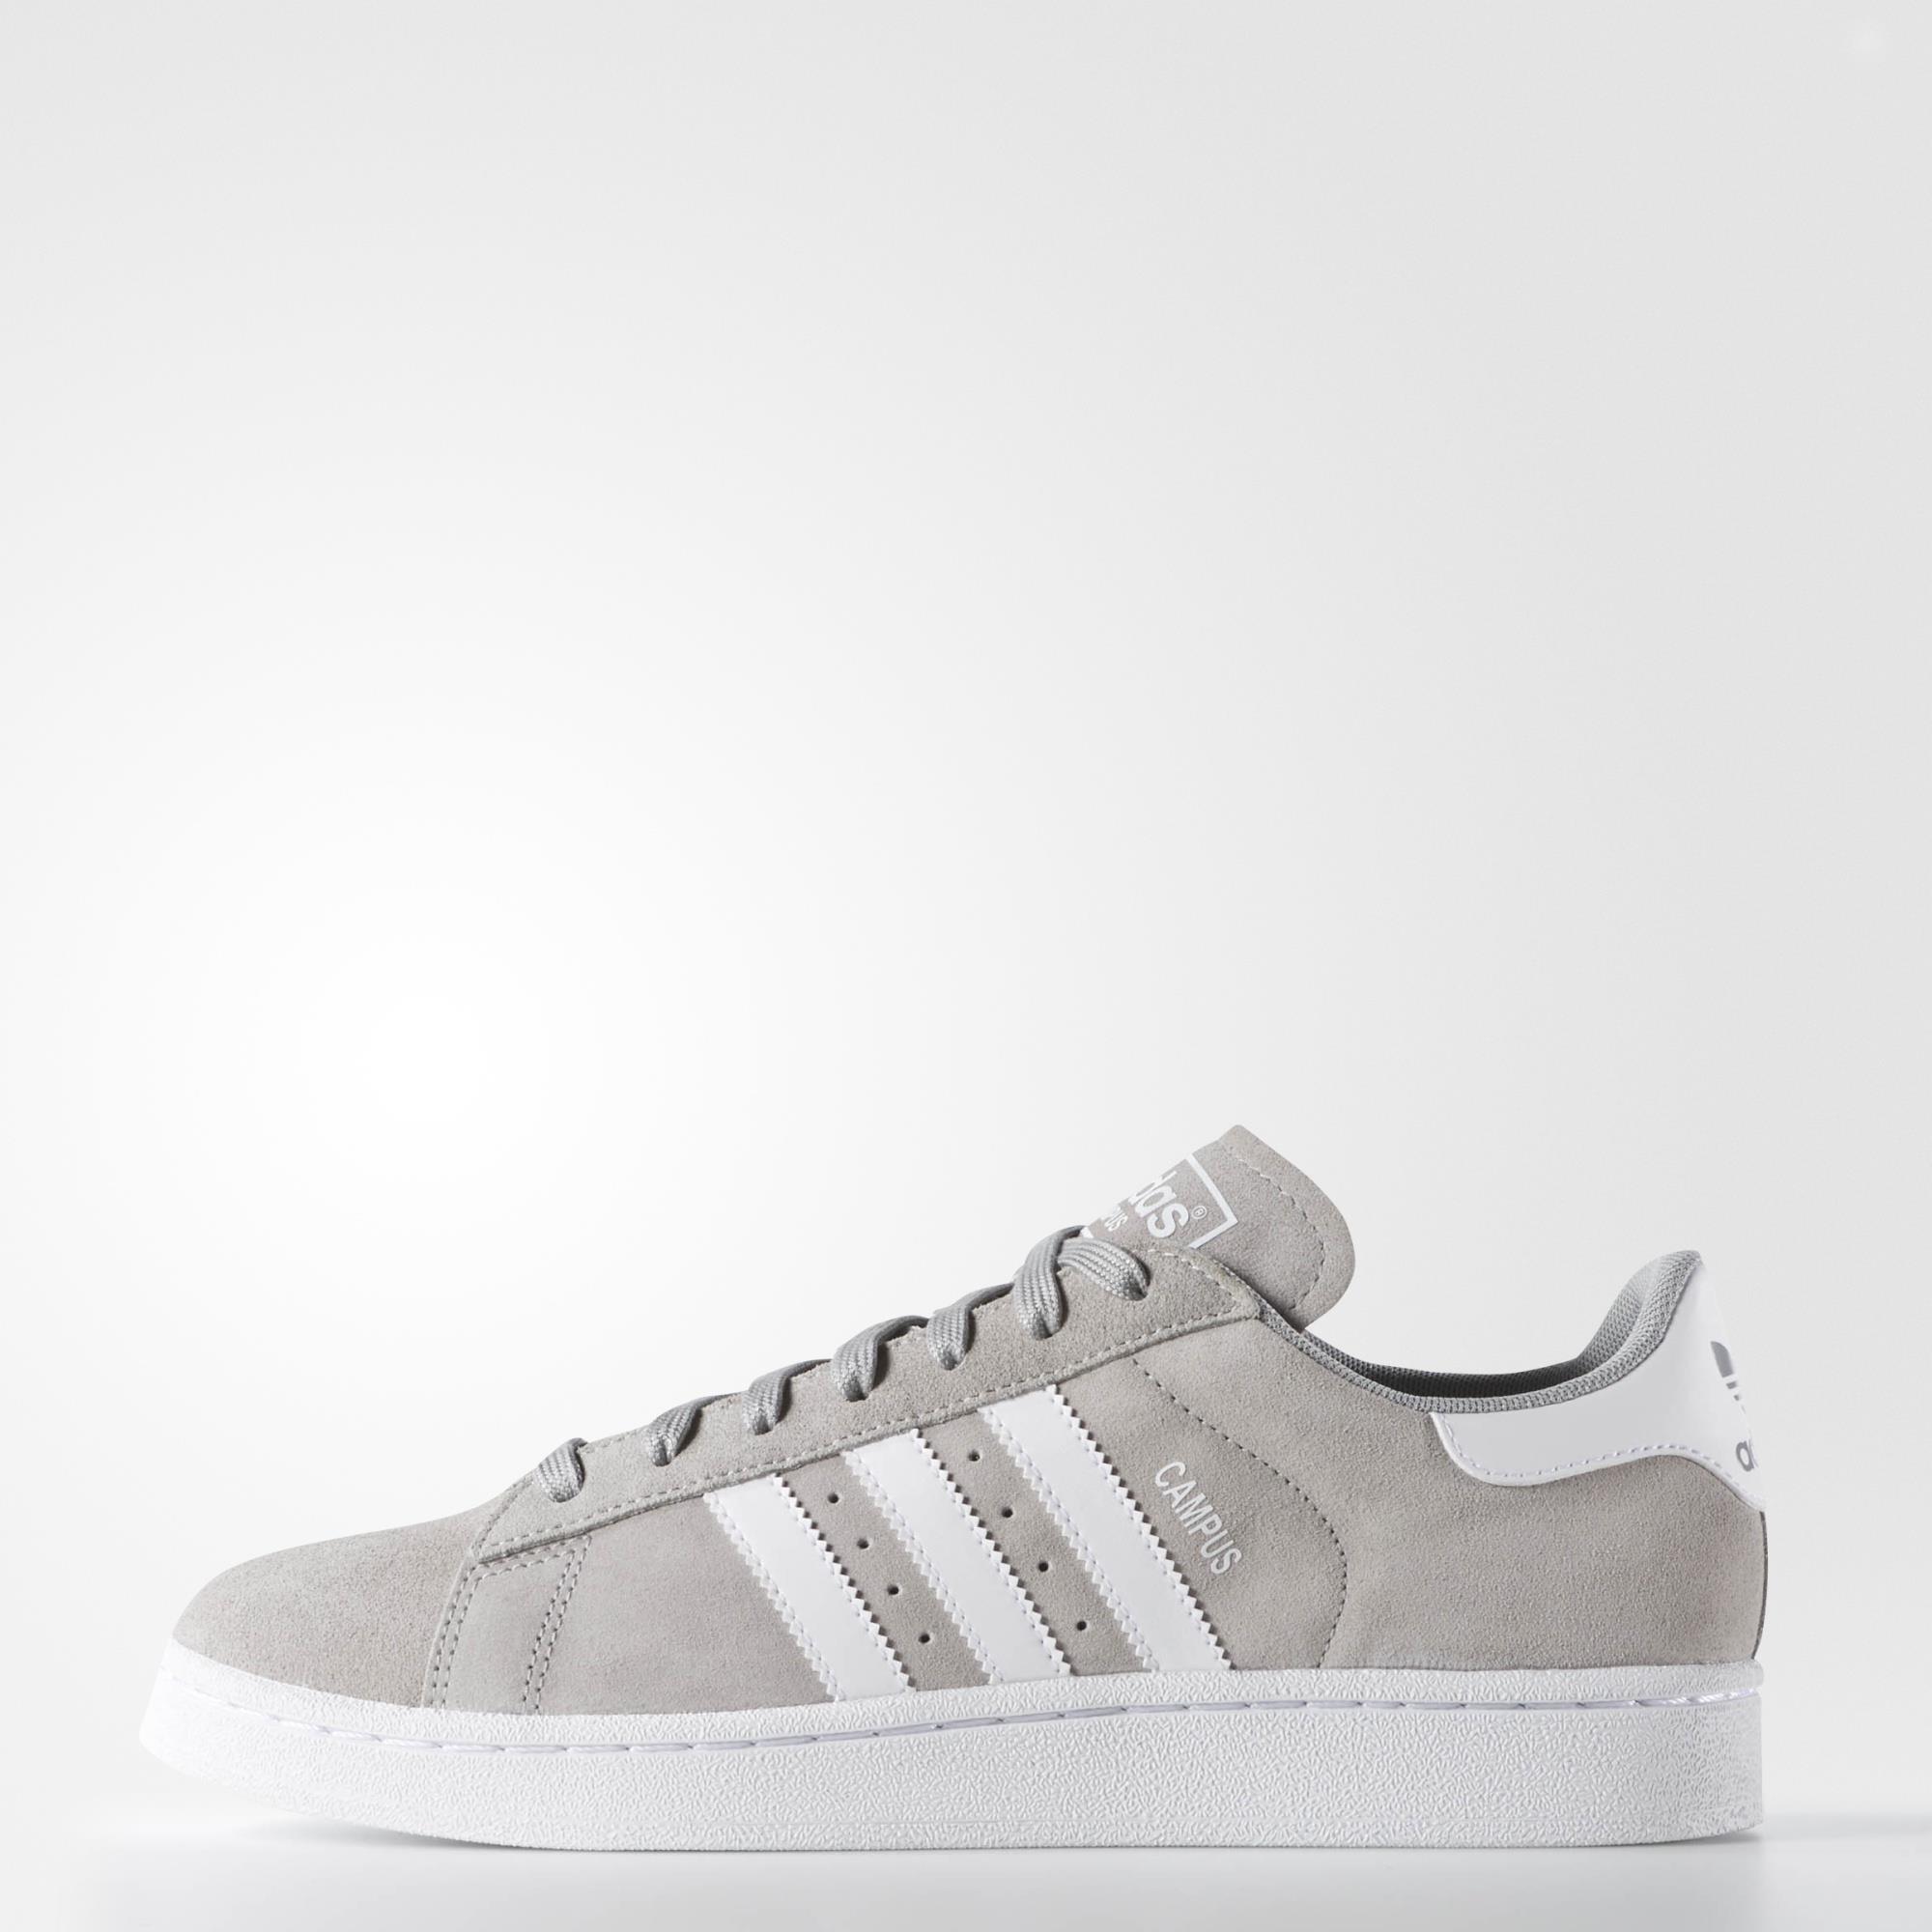 adidas campus sneakers grey